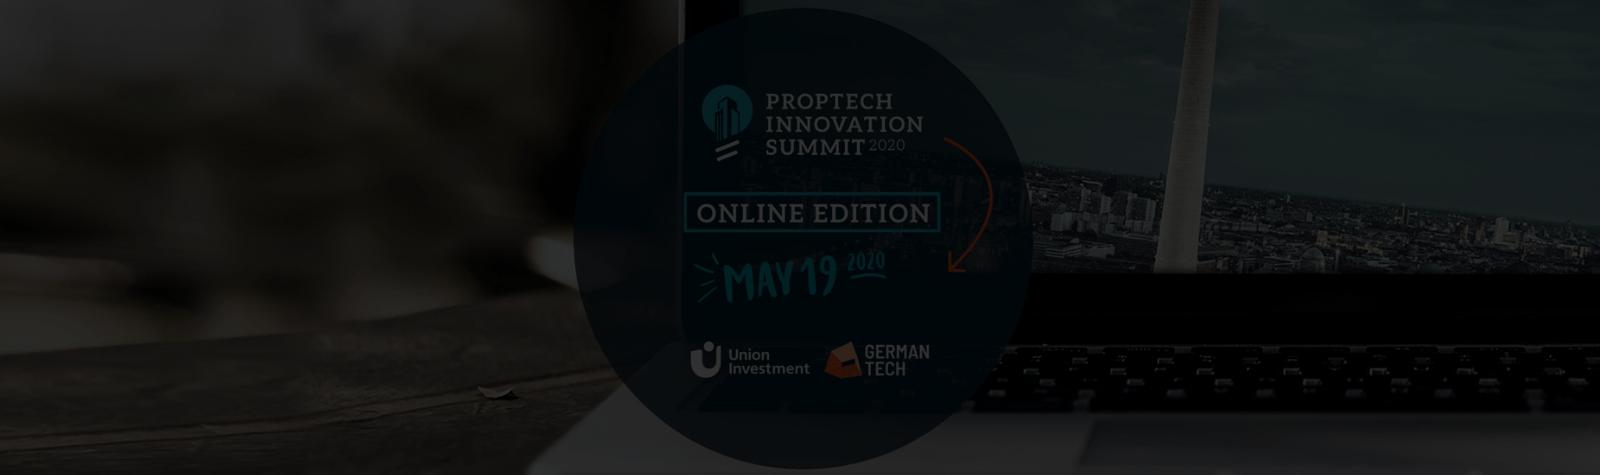 PropTech Innovation Award : en chaque finaliste, un vainqueur